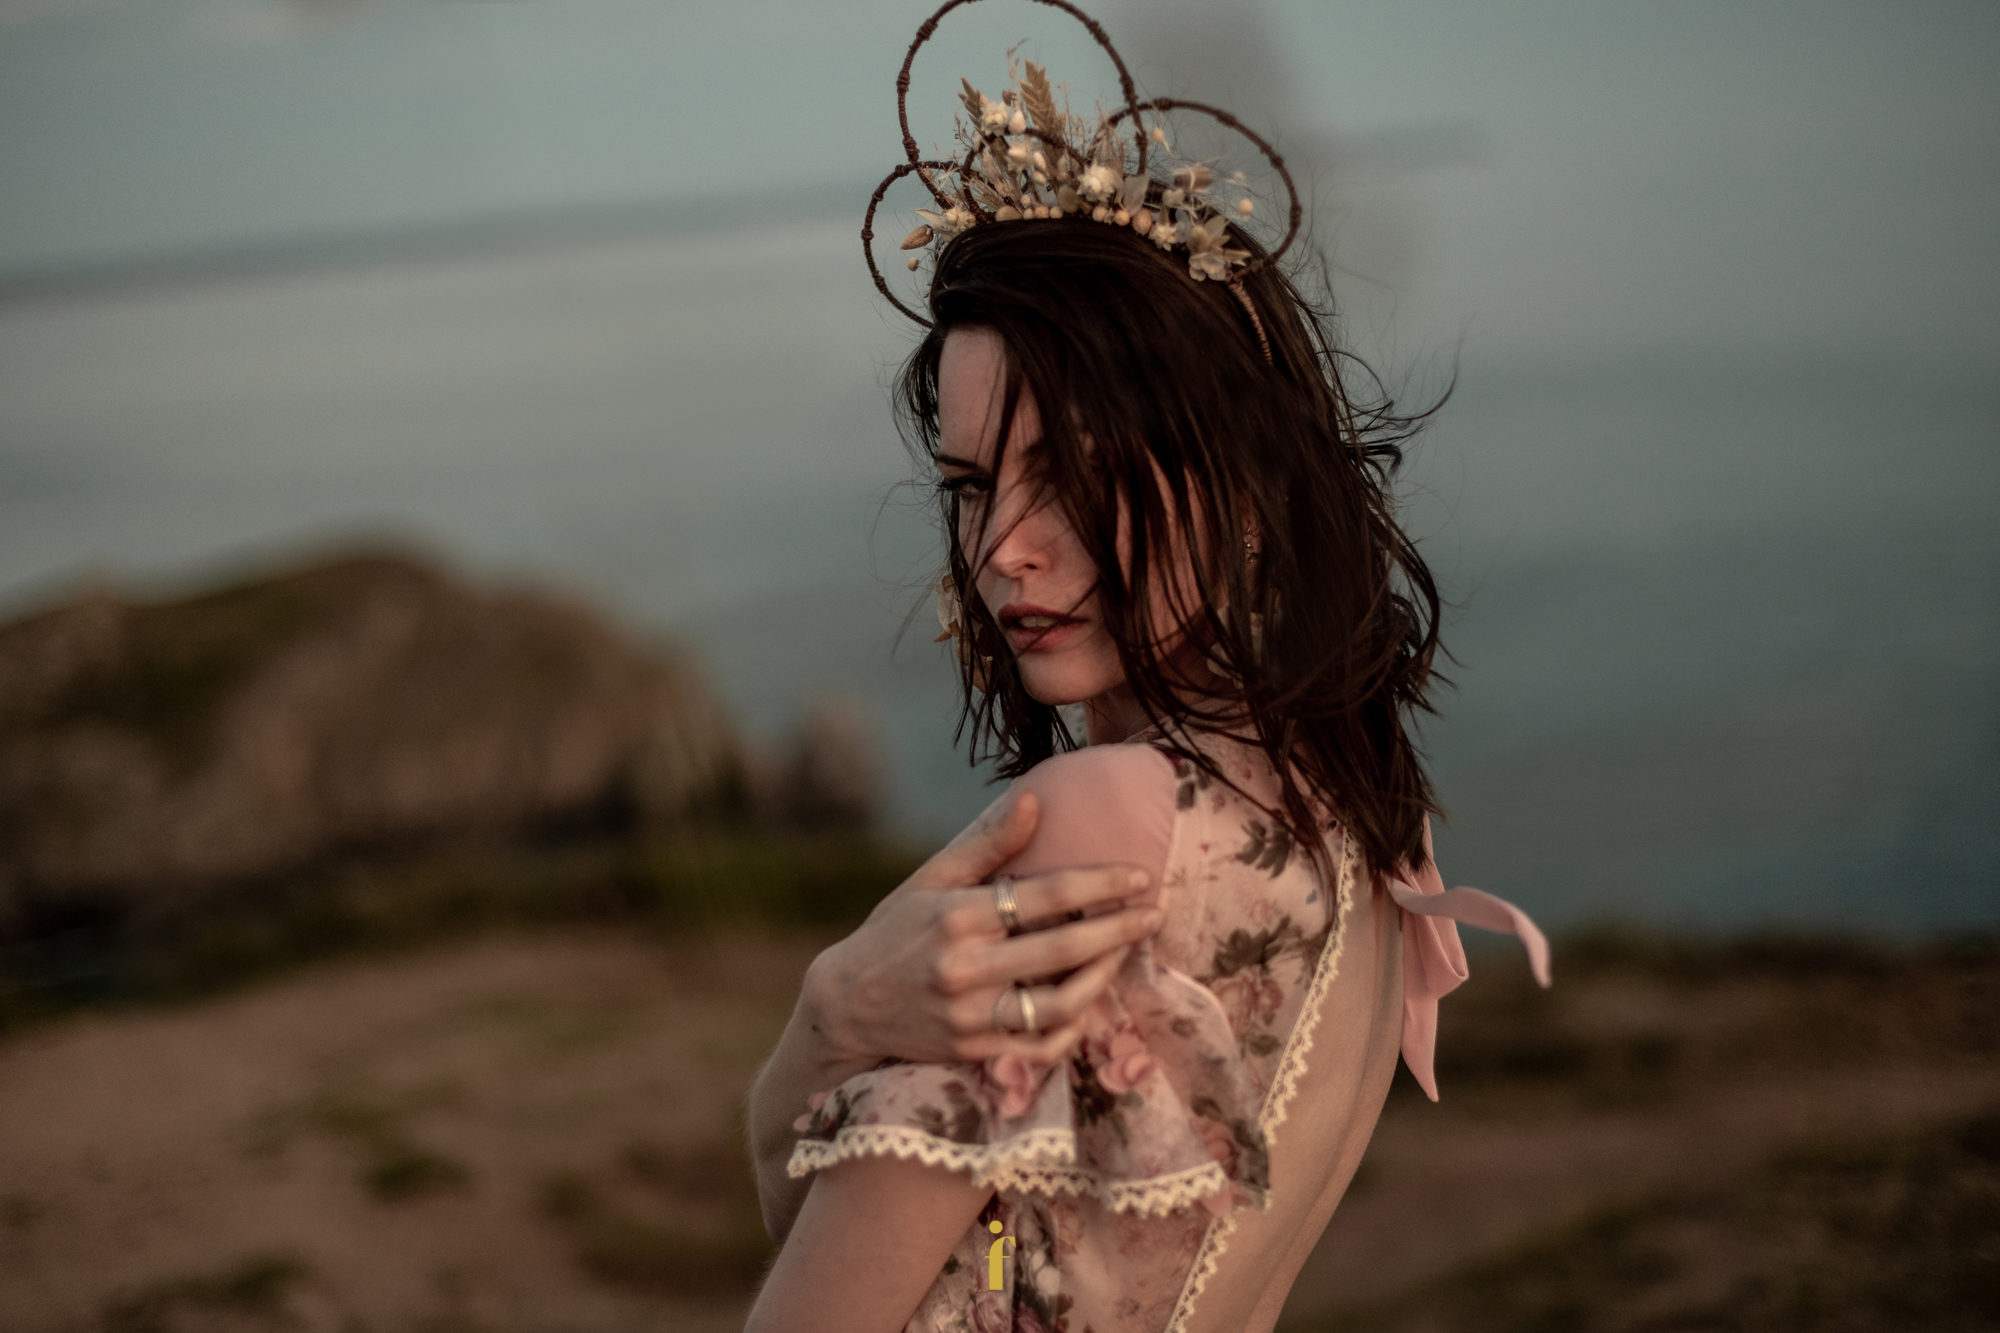 La sublime Robe Ossie d'Elodie Courtat et couronne Herb'folles